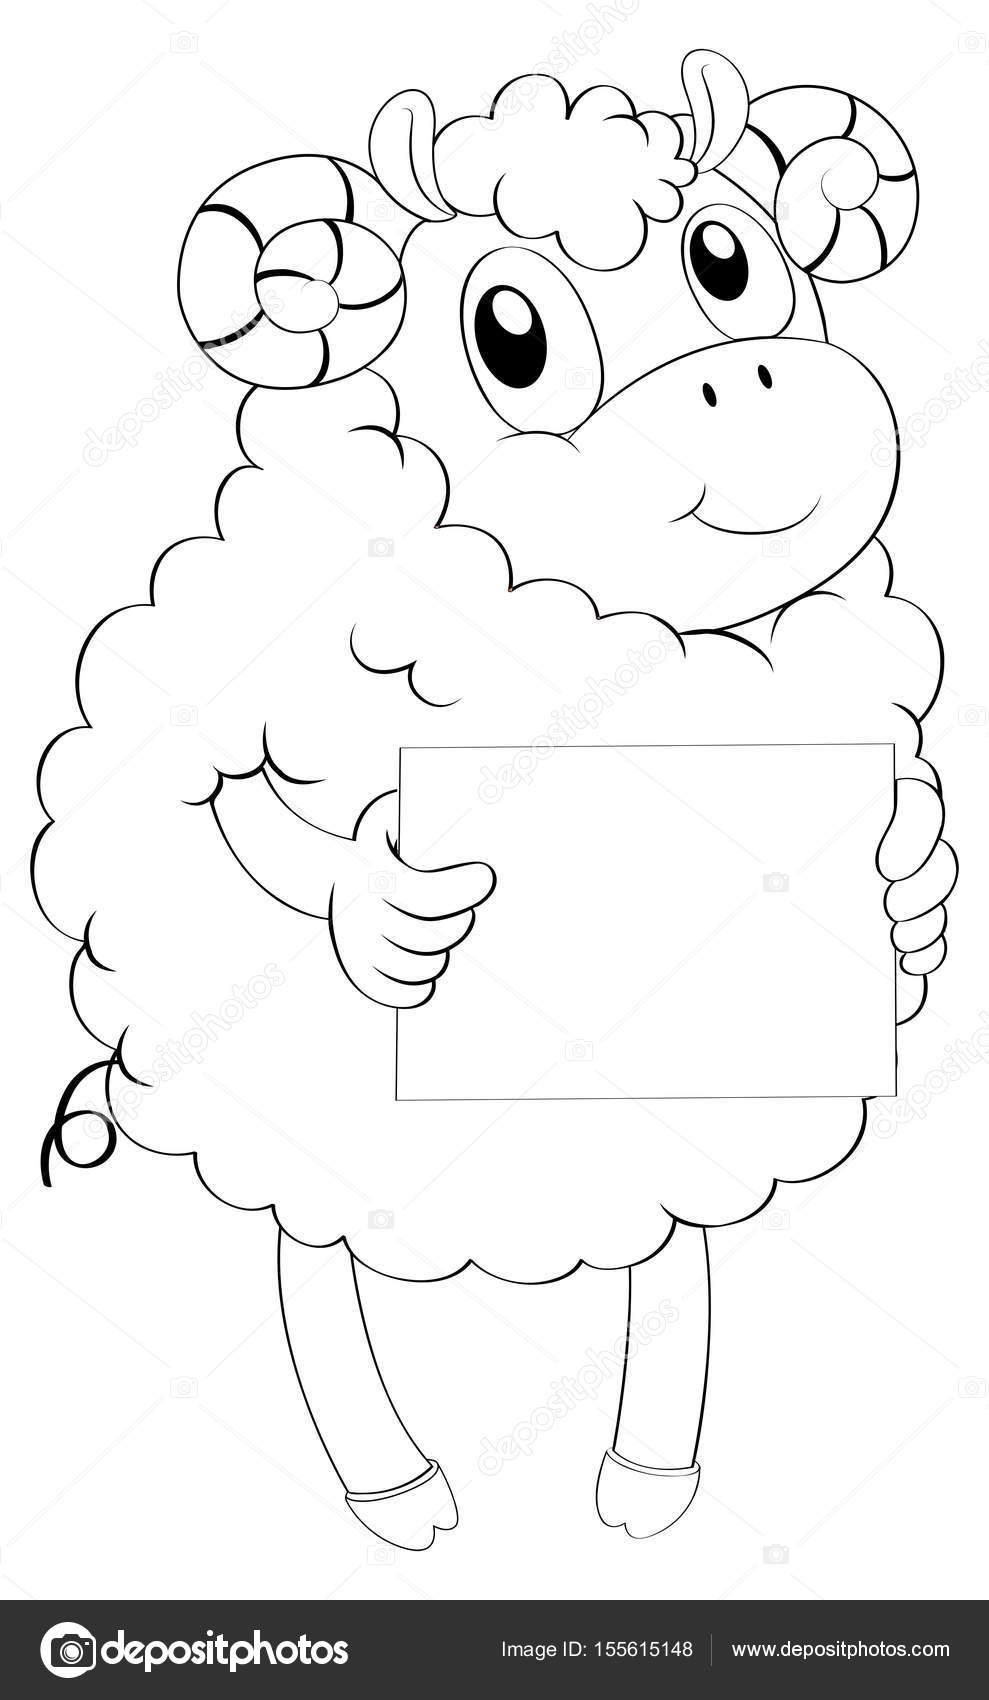 Animales Doodle para cordero — Archivo Imágenes Vectoriales ...